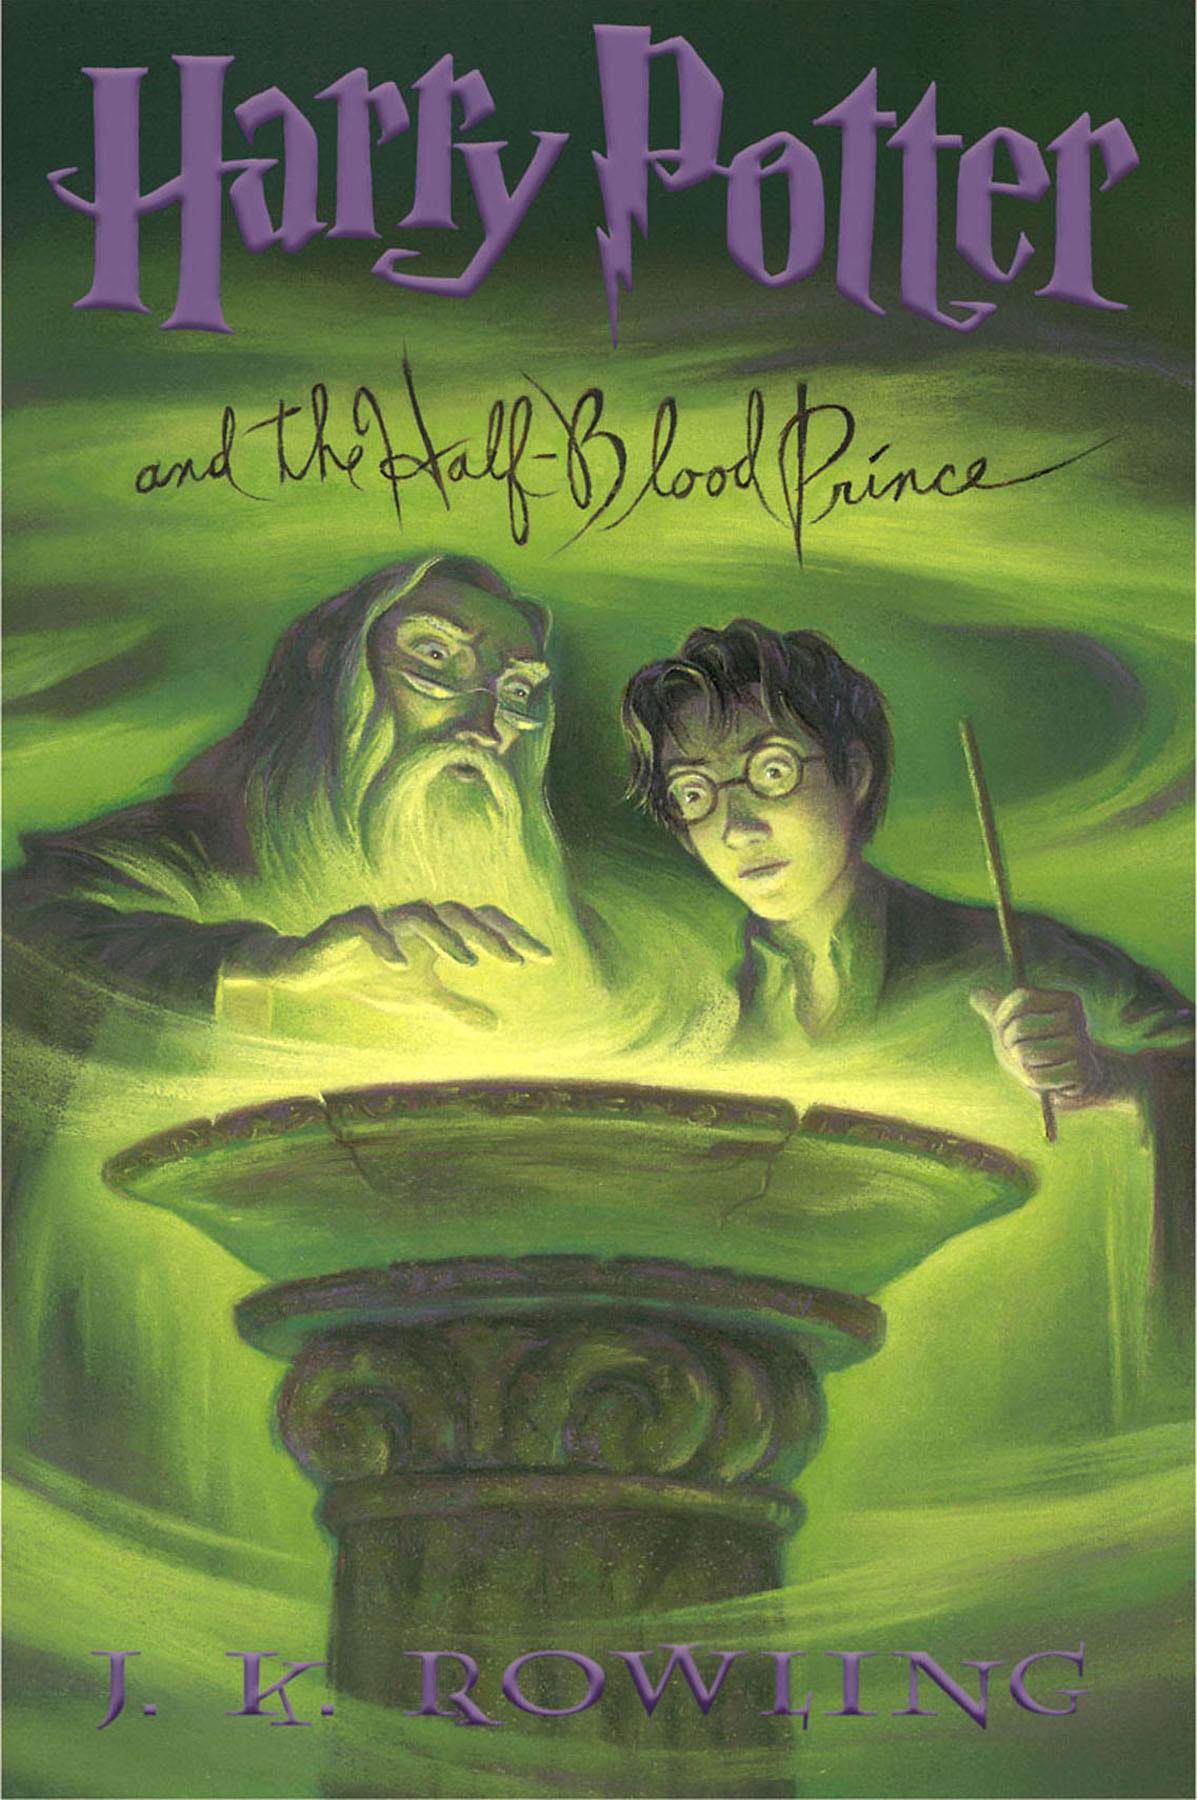 Tus libros viejos de Harry Potter podrían valer una fortuna